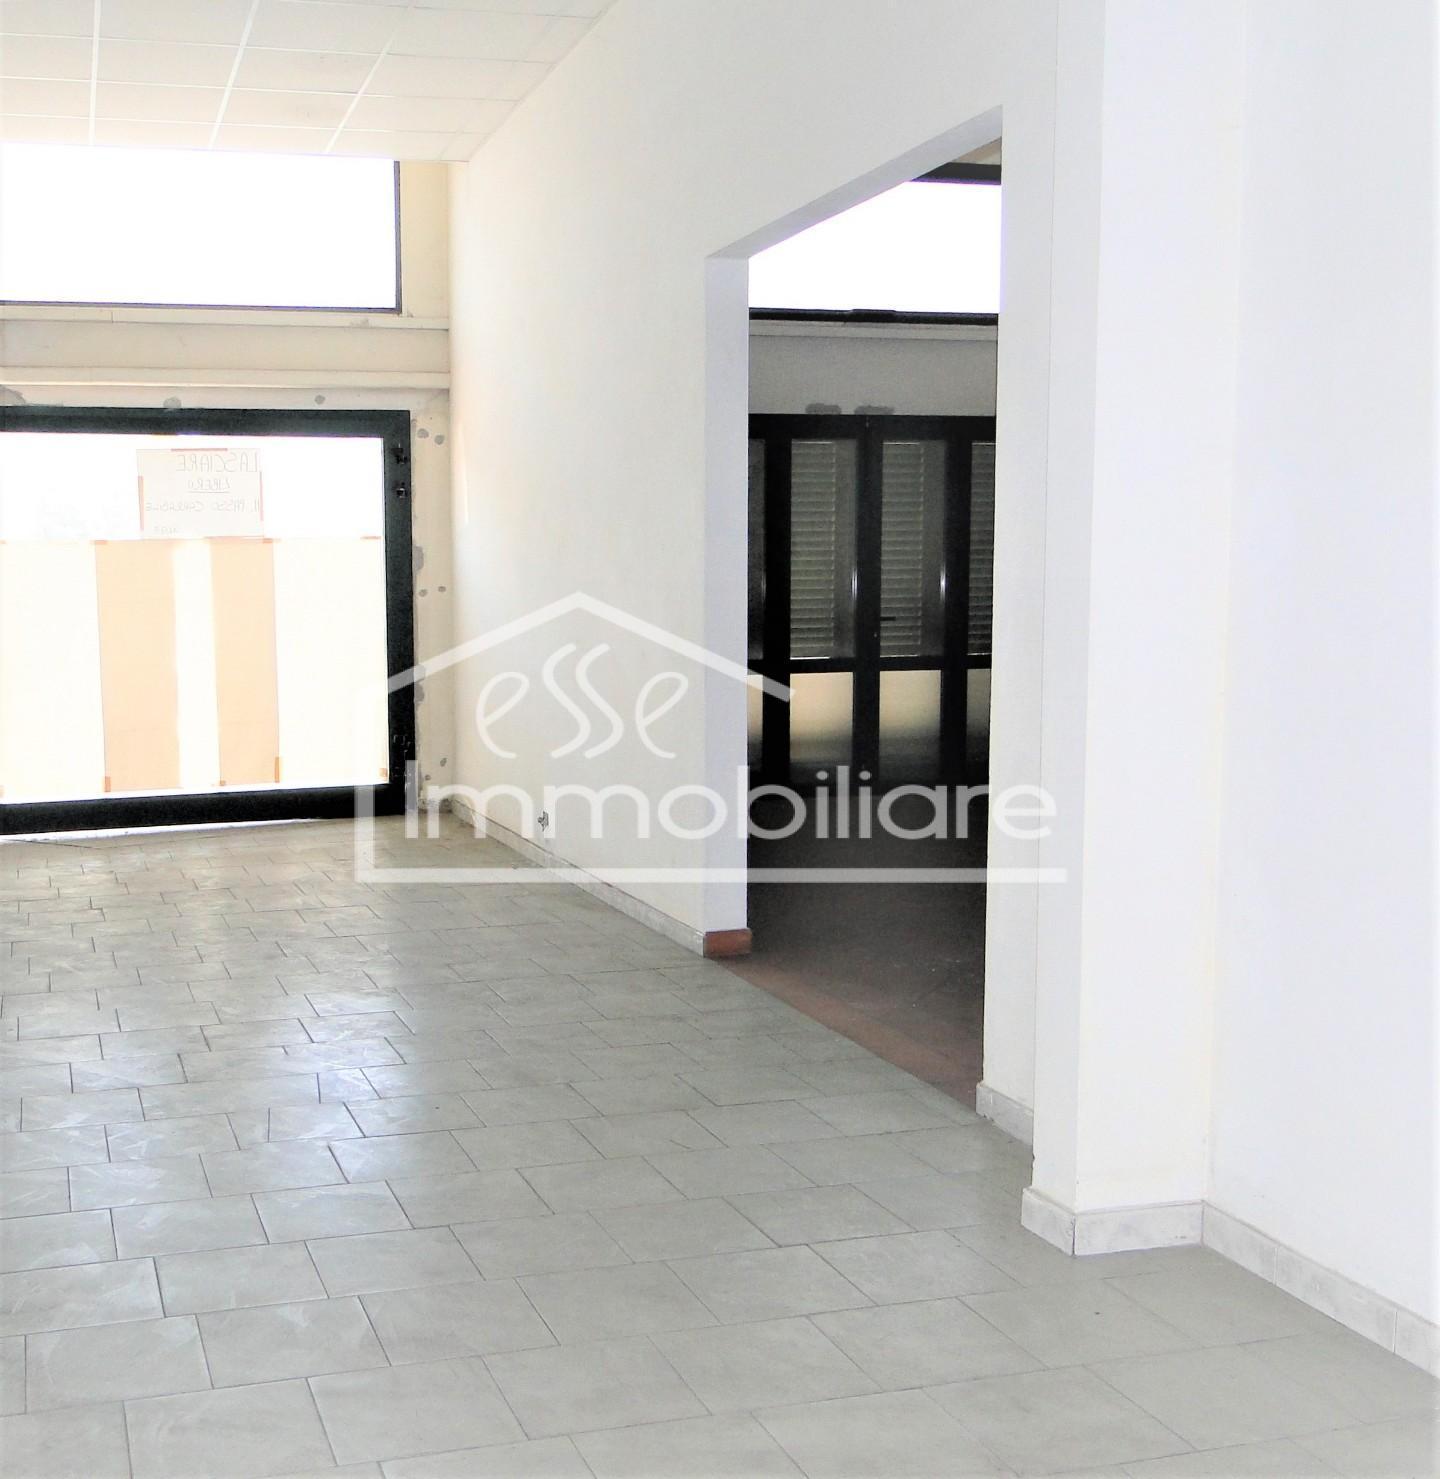 Locale comm.le/Fondo in affitto commerciale, rif. AFC/004